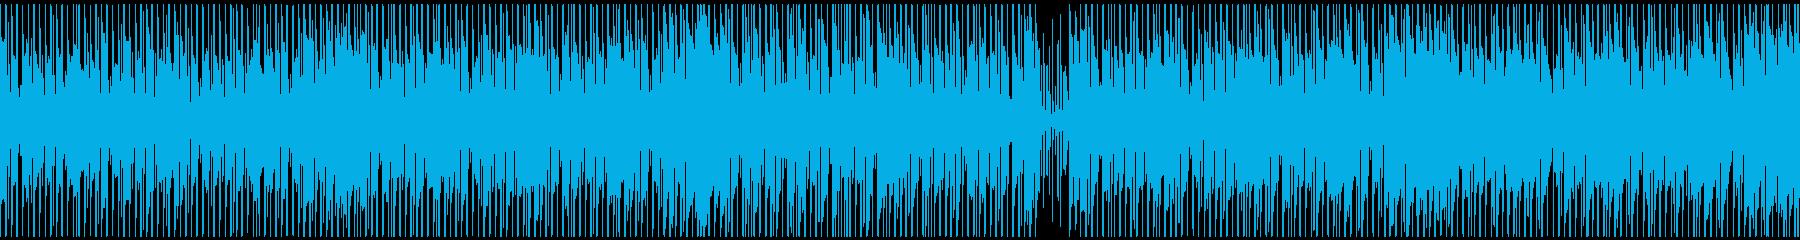 「ほのぼの・爽やか」ポップ(LOOP版)の再生済みの波形